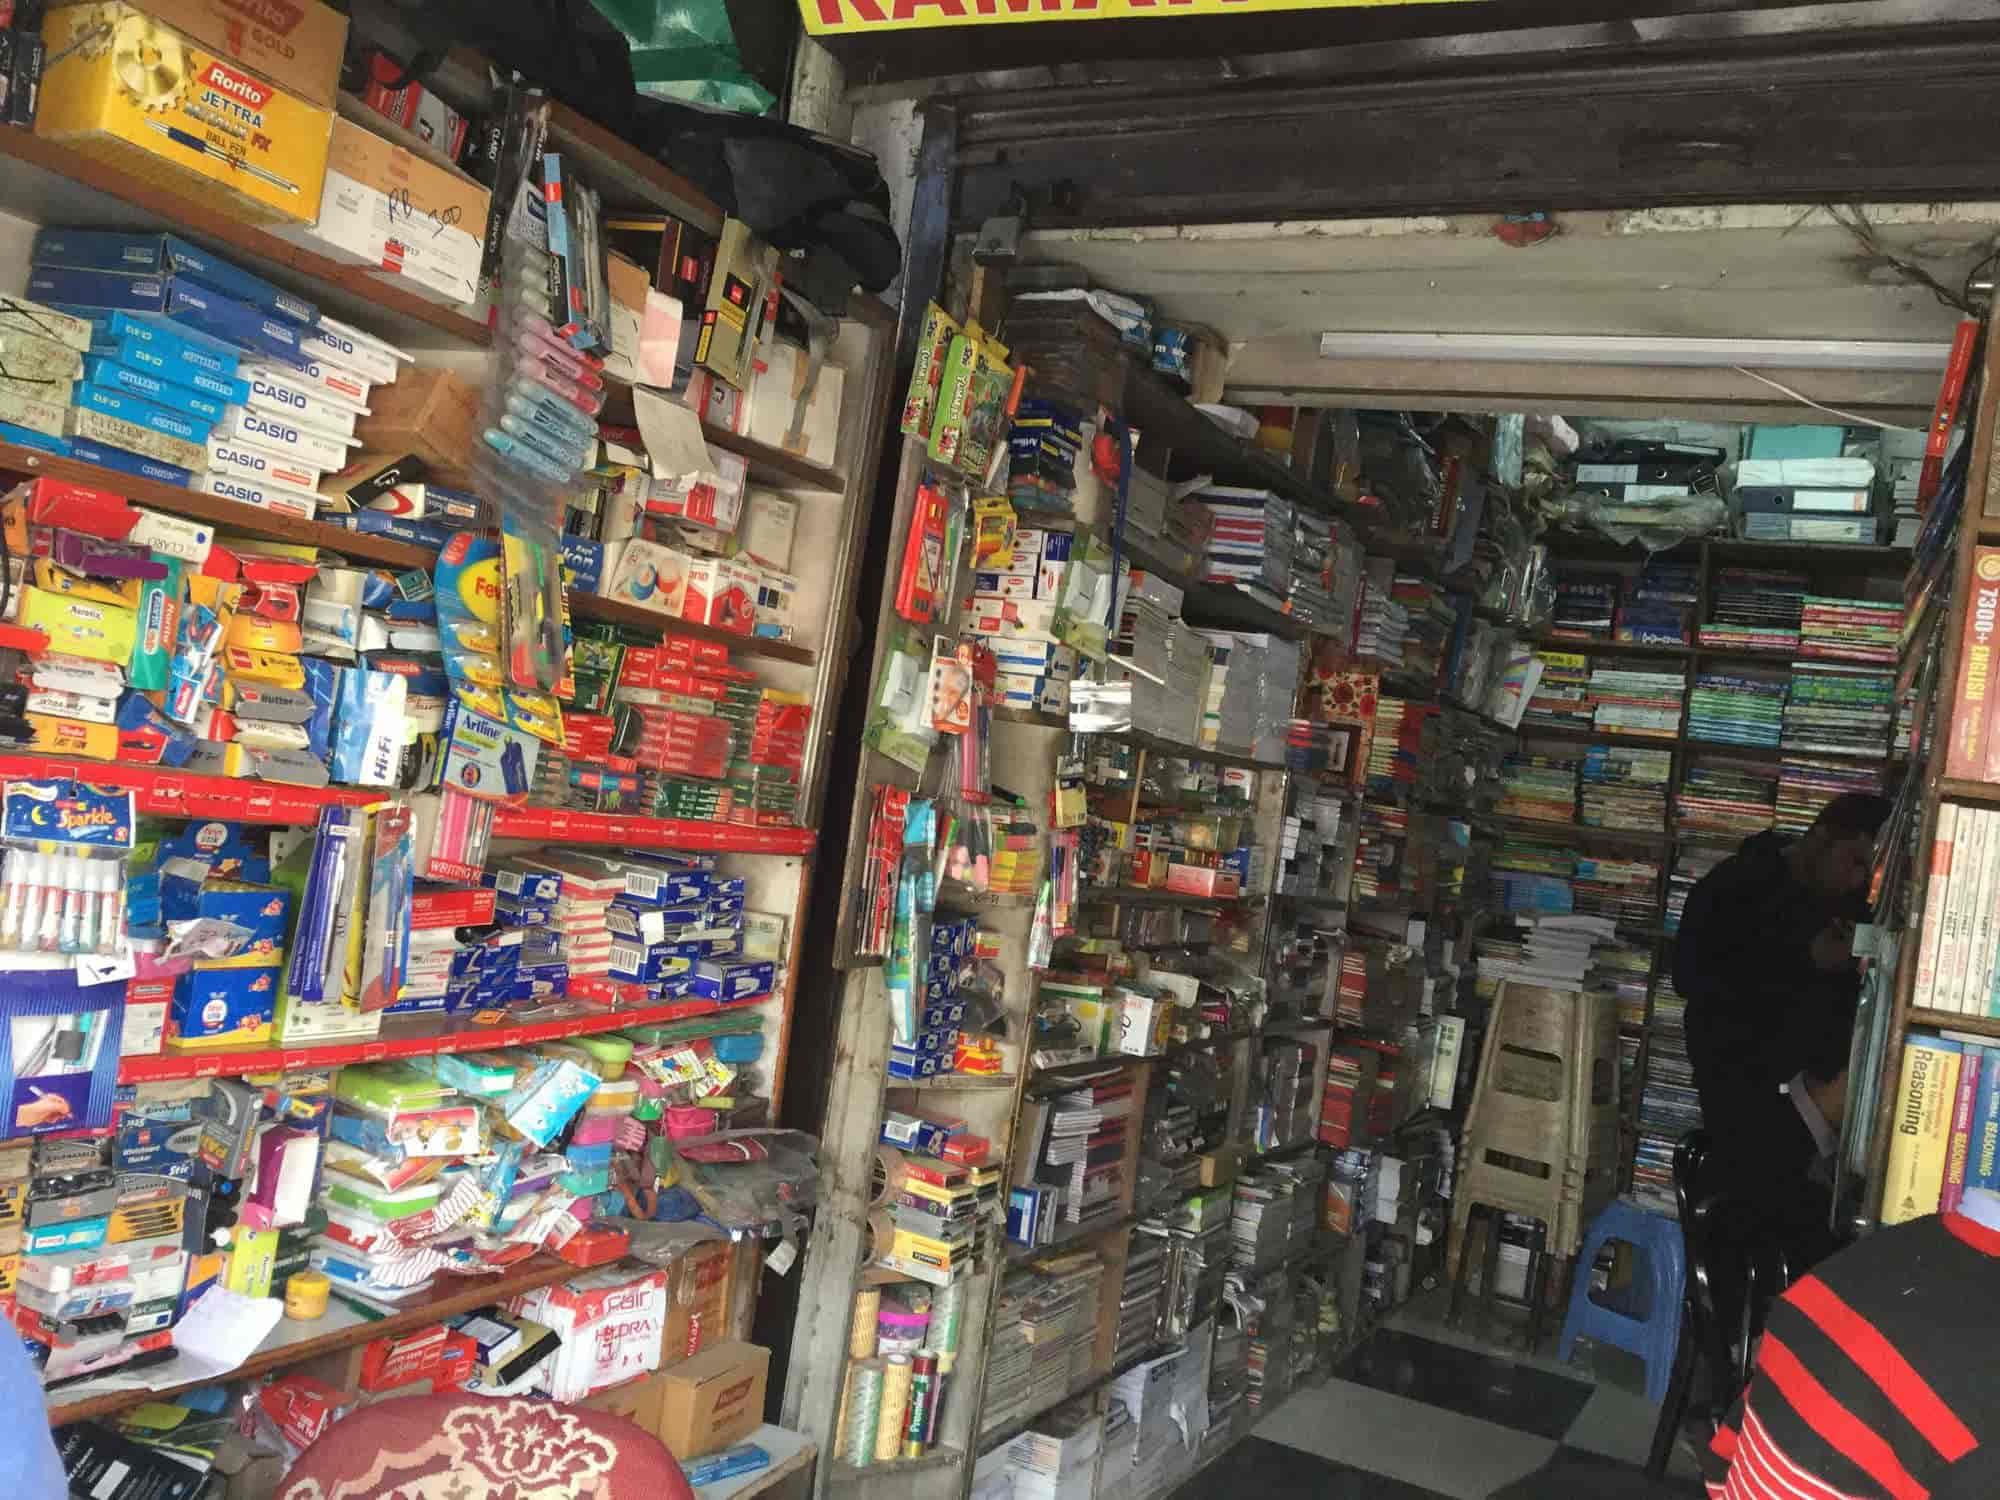 Raman Book Stall, Sadar Bazar Gurgaon - Book Shops in